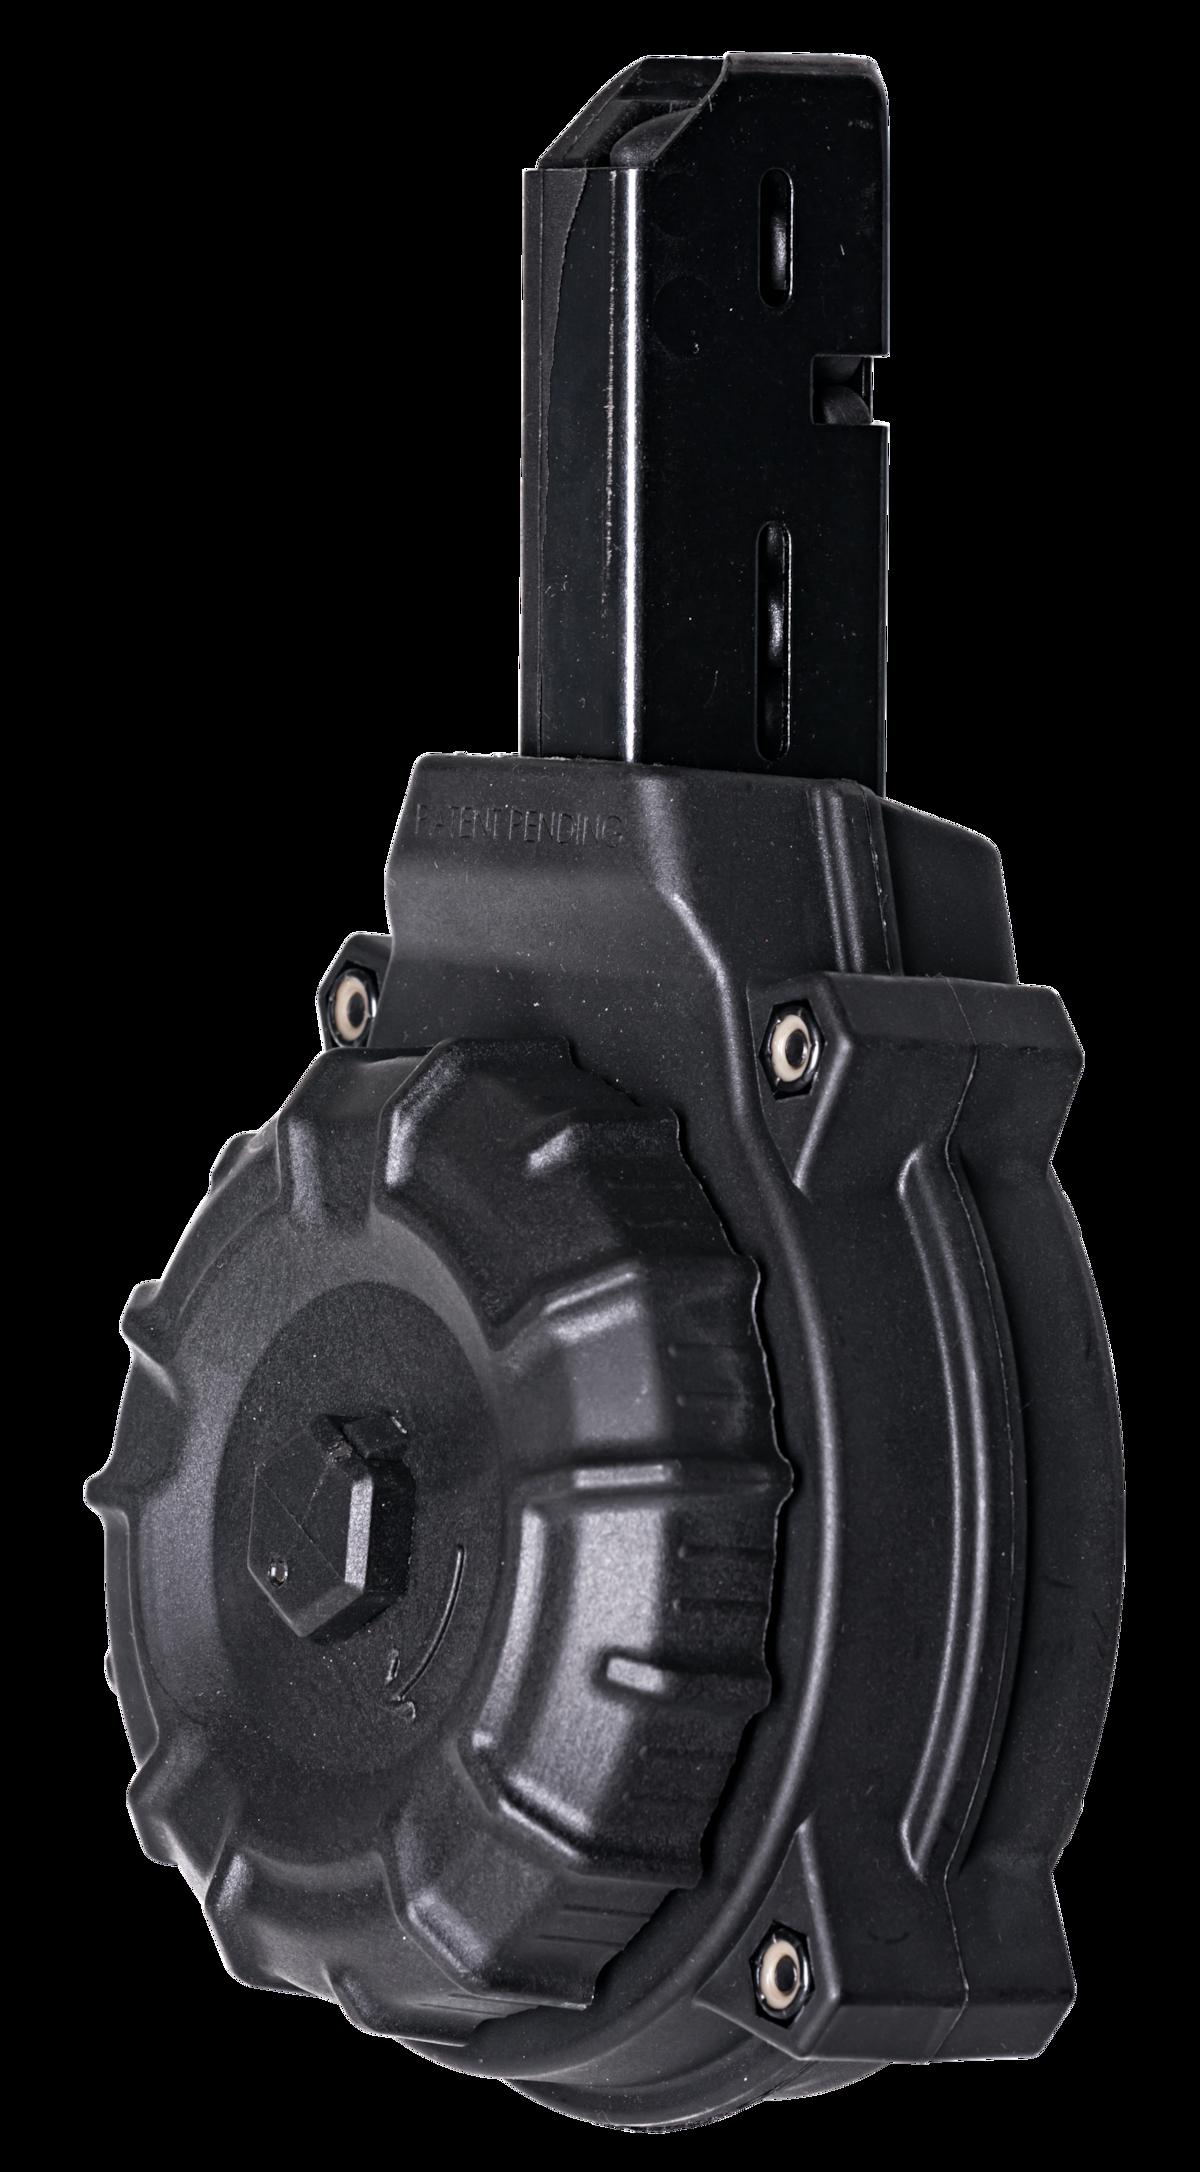 PROMAG AR-15